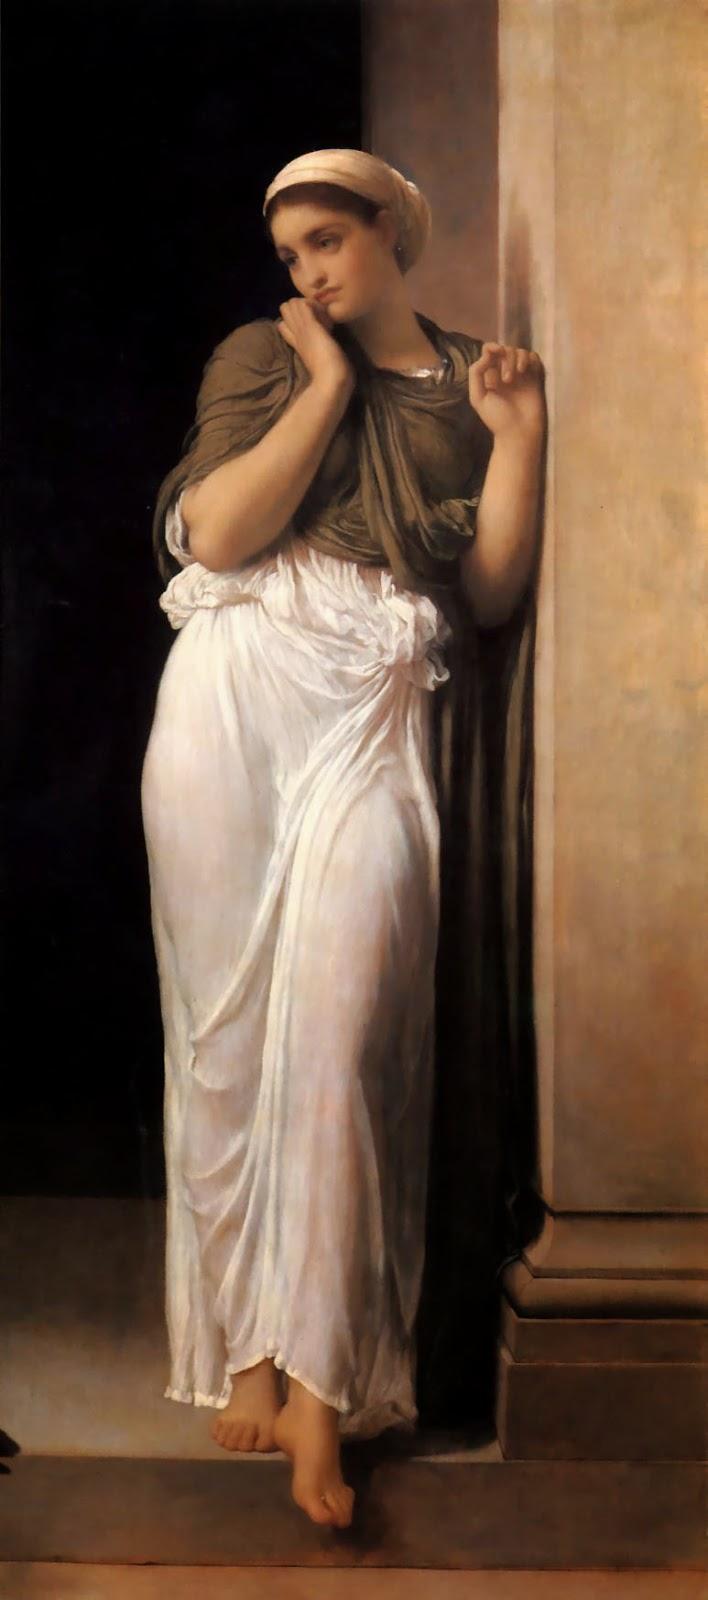 Nausicaa - Lord Frederick, o mais famoso artista britânico do século XlX